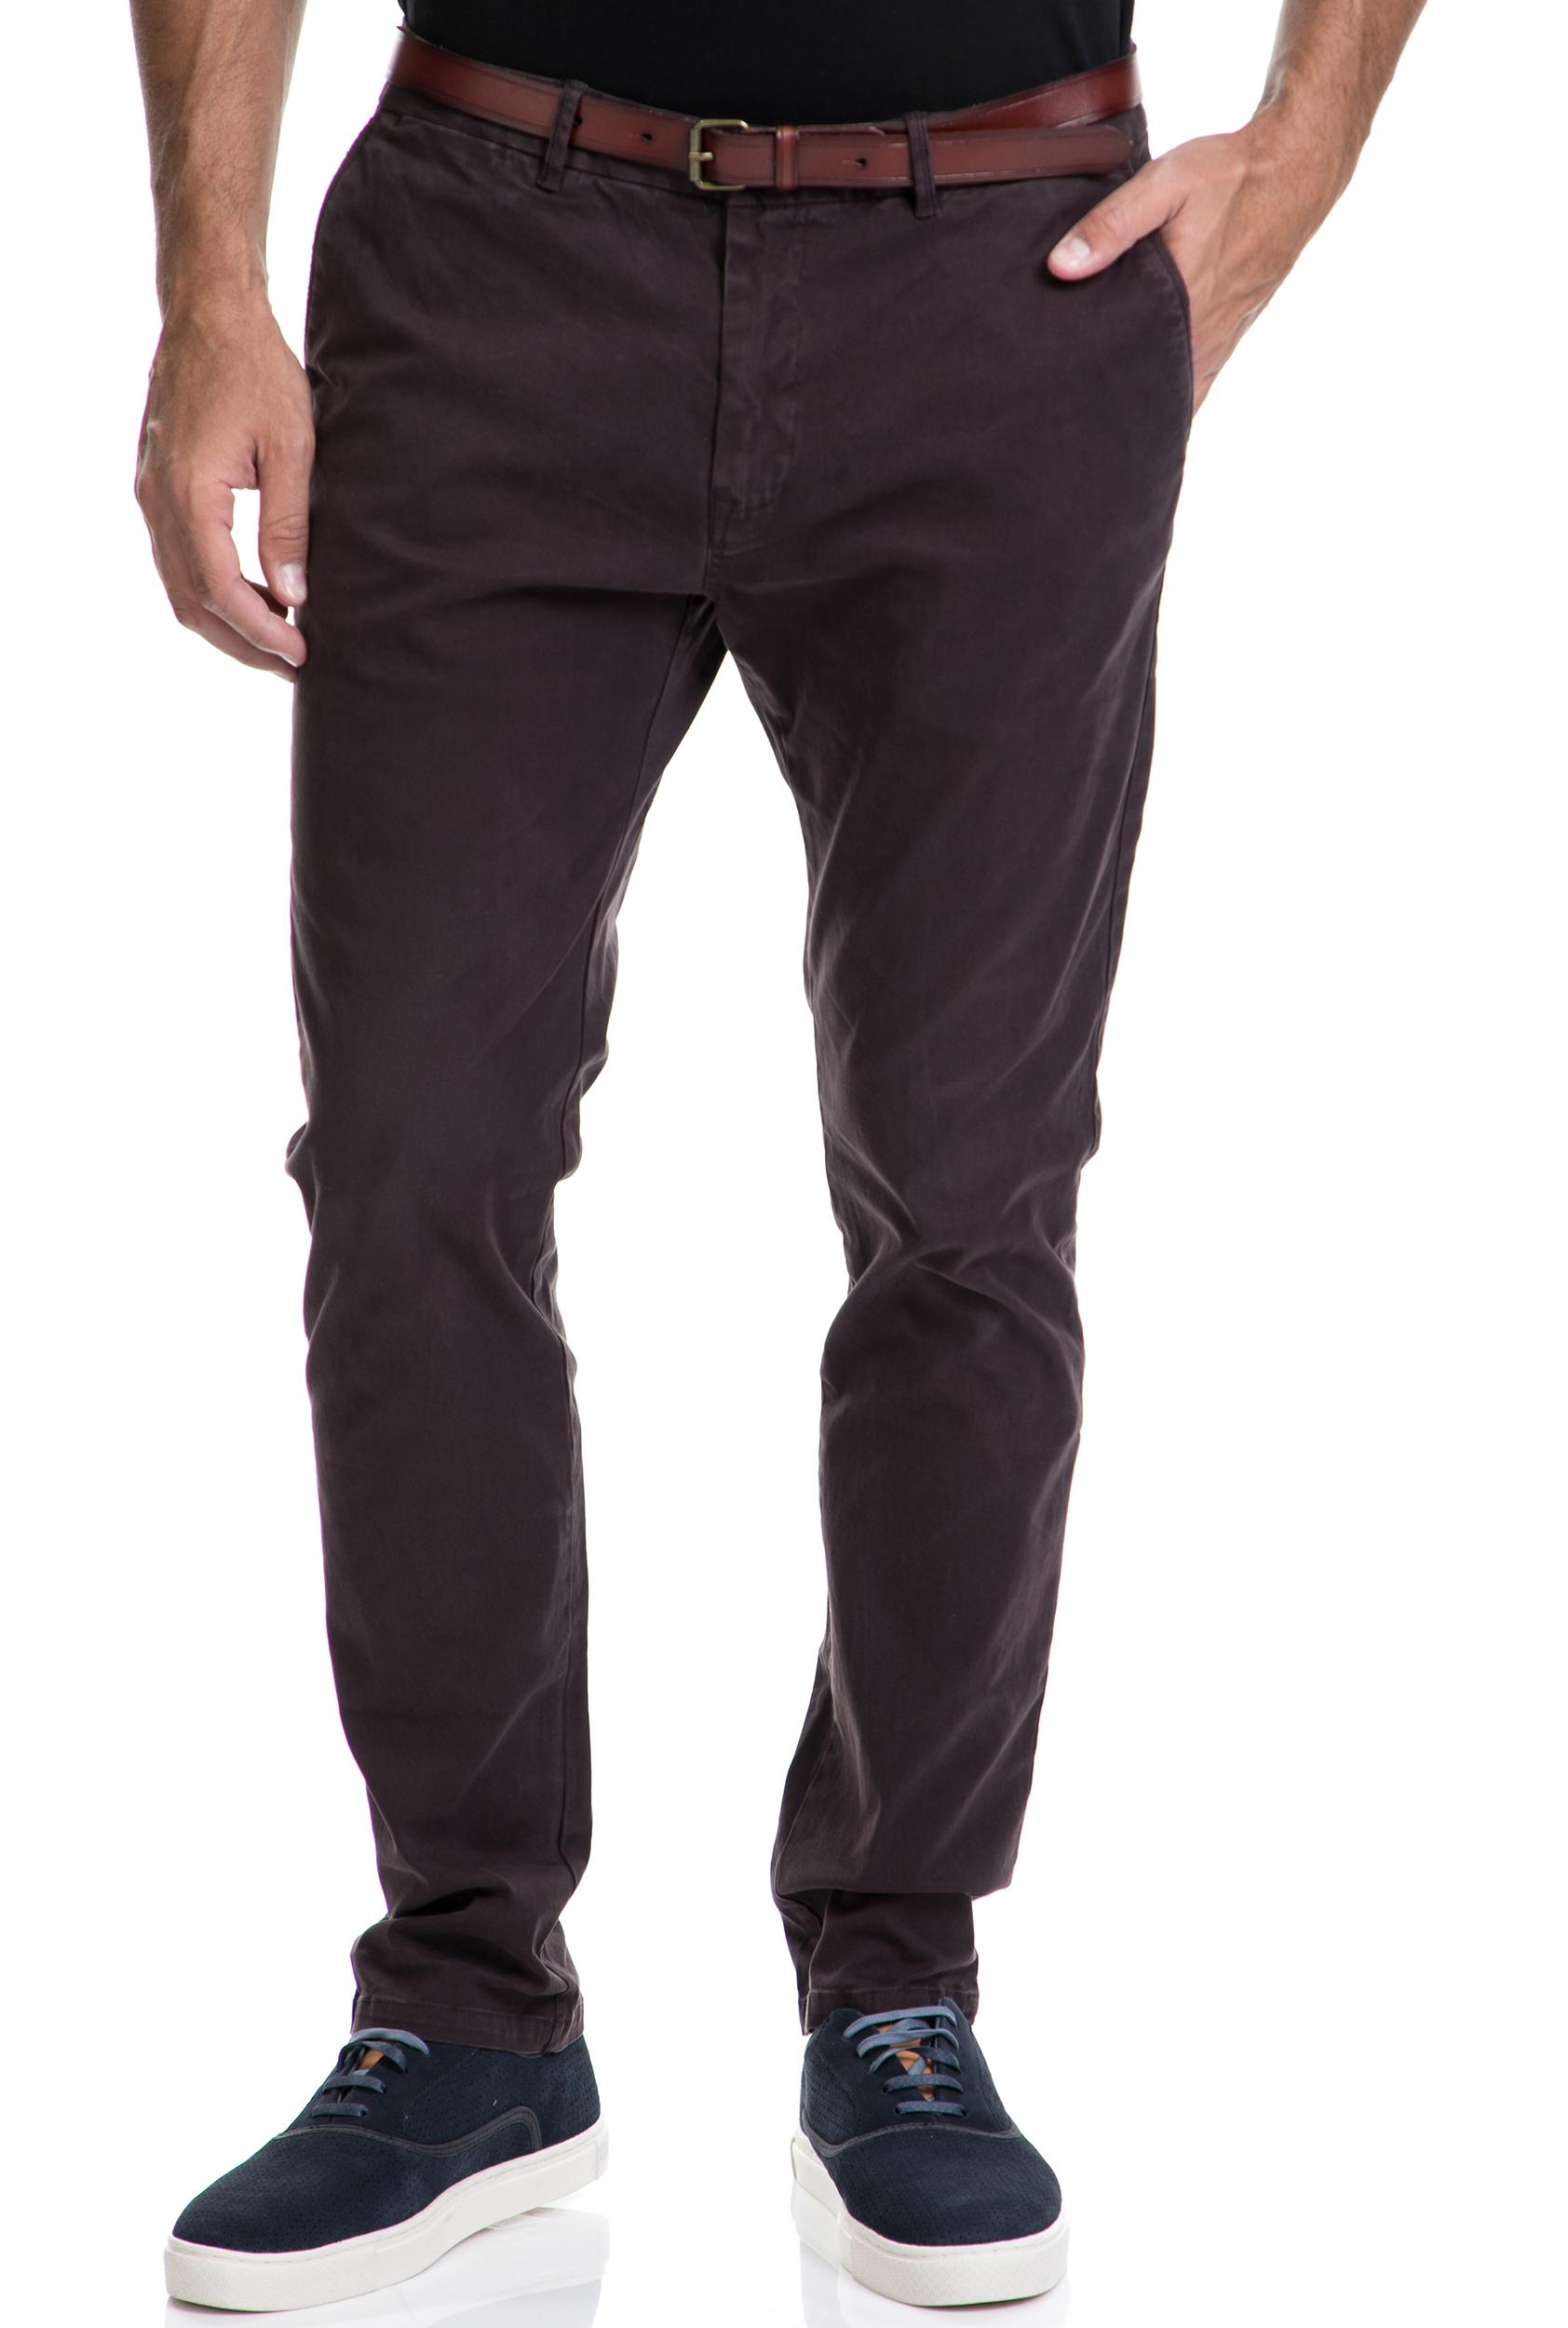 SCOTCH & SODA – Αντρικό παντελόνι Classic SCOTCH & SODA μοβ